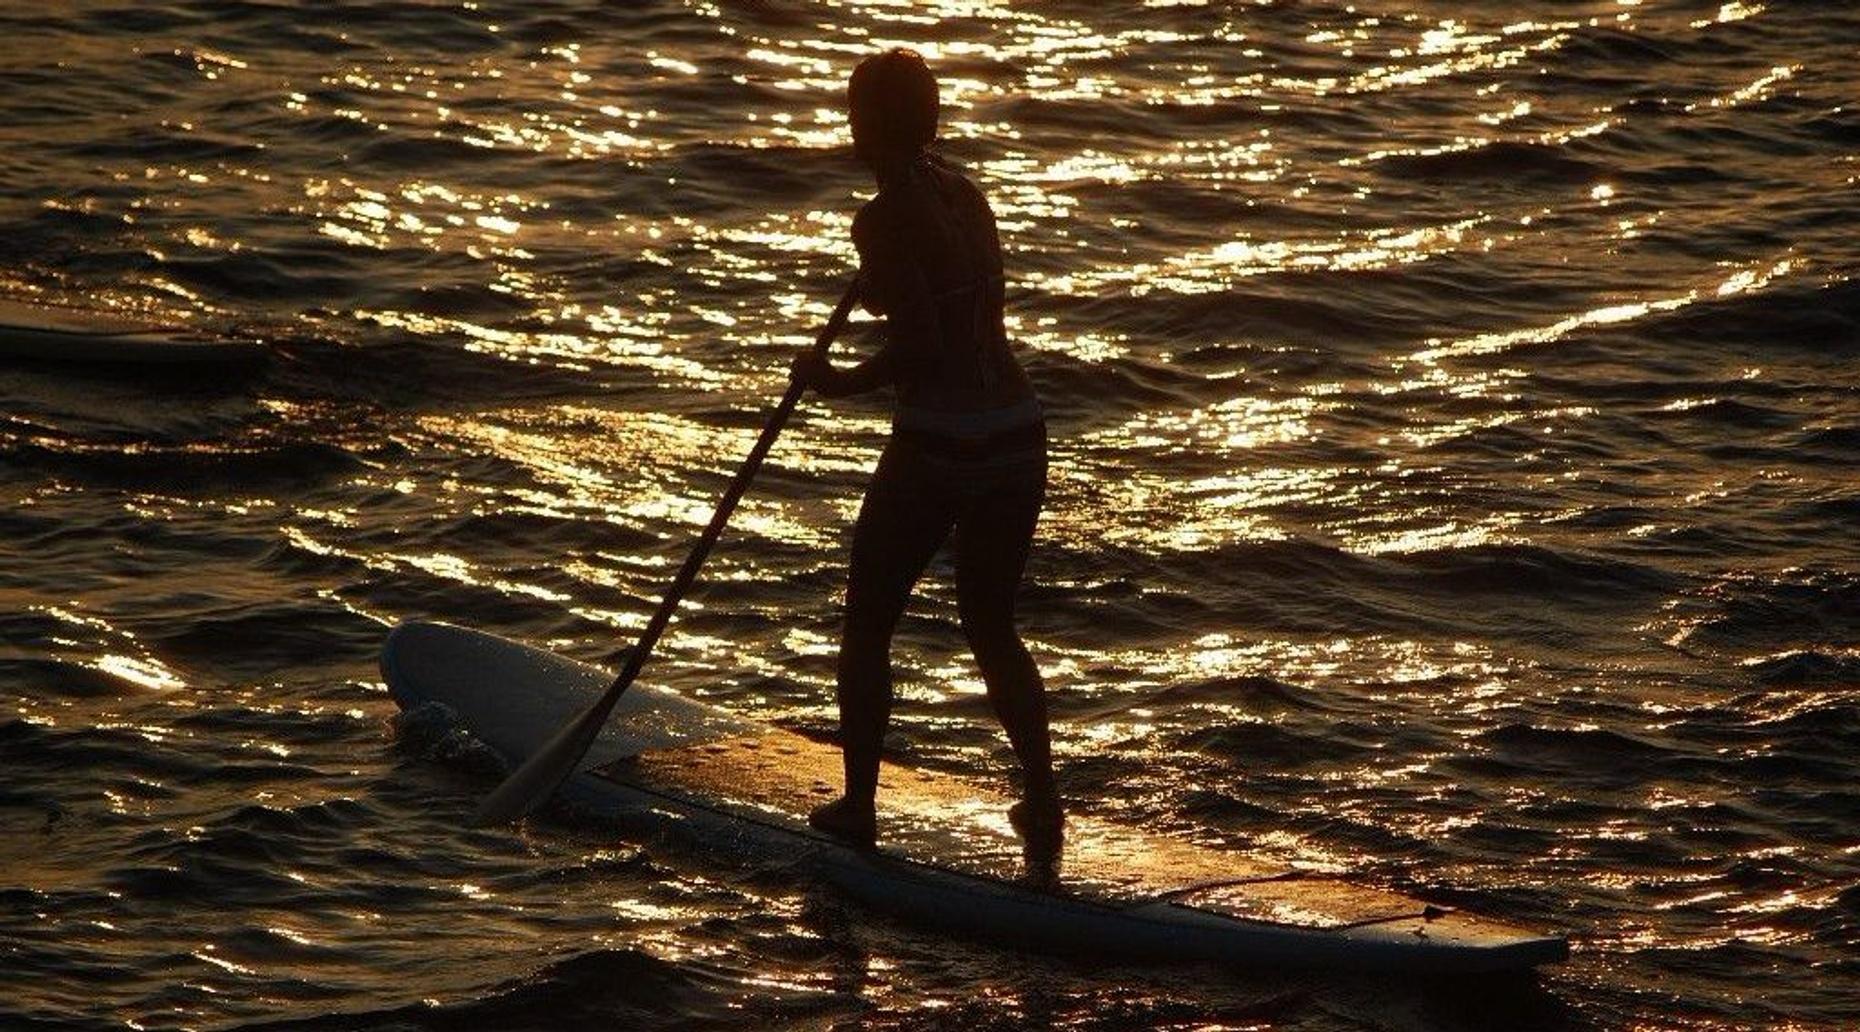 Full-Moon Kayak Trip in Lodi, California